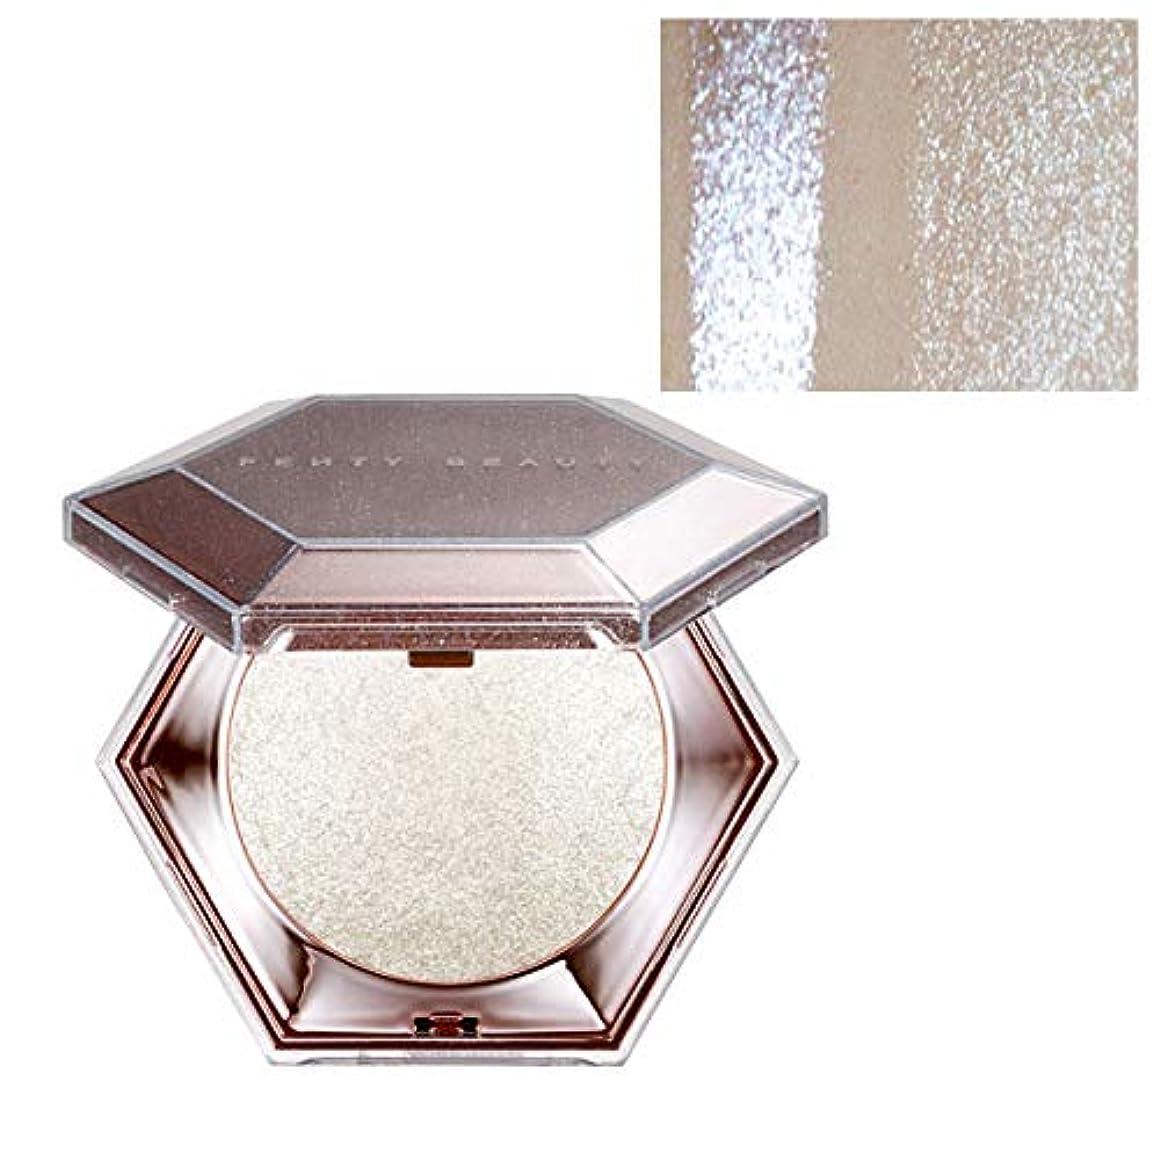 スプリット豚肉ペパーミントFENTY BEAUTY BY RIHANNA Diamond Bomb All-Over Diamond Veil [海外直送品] [並行輸入品]